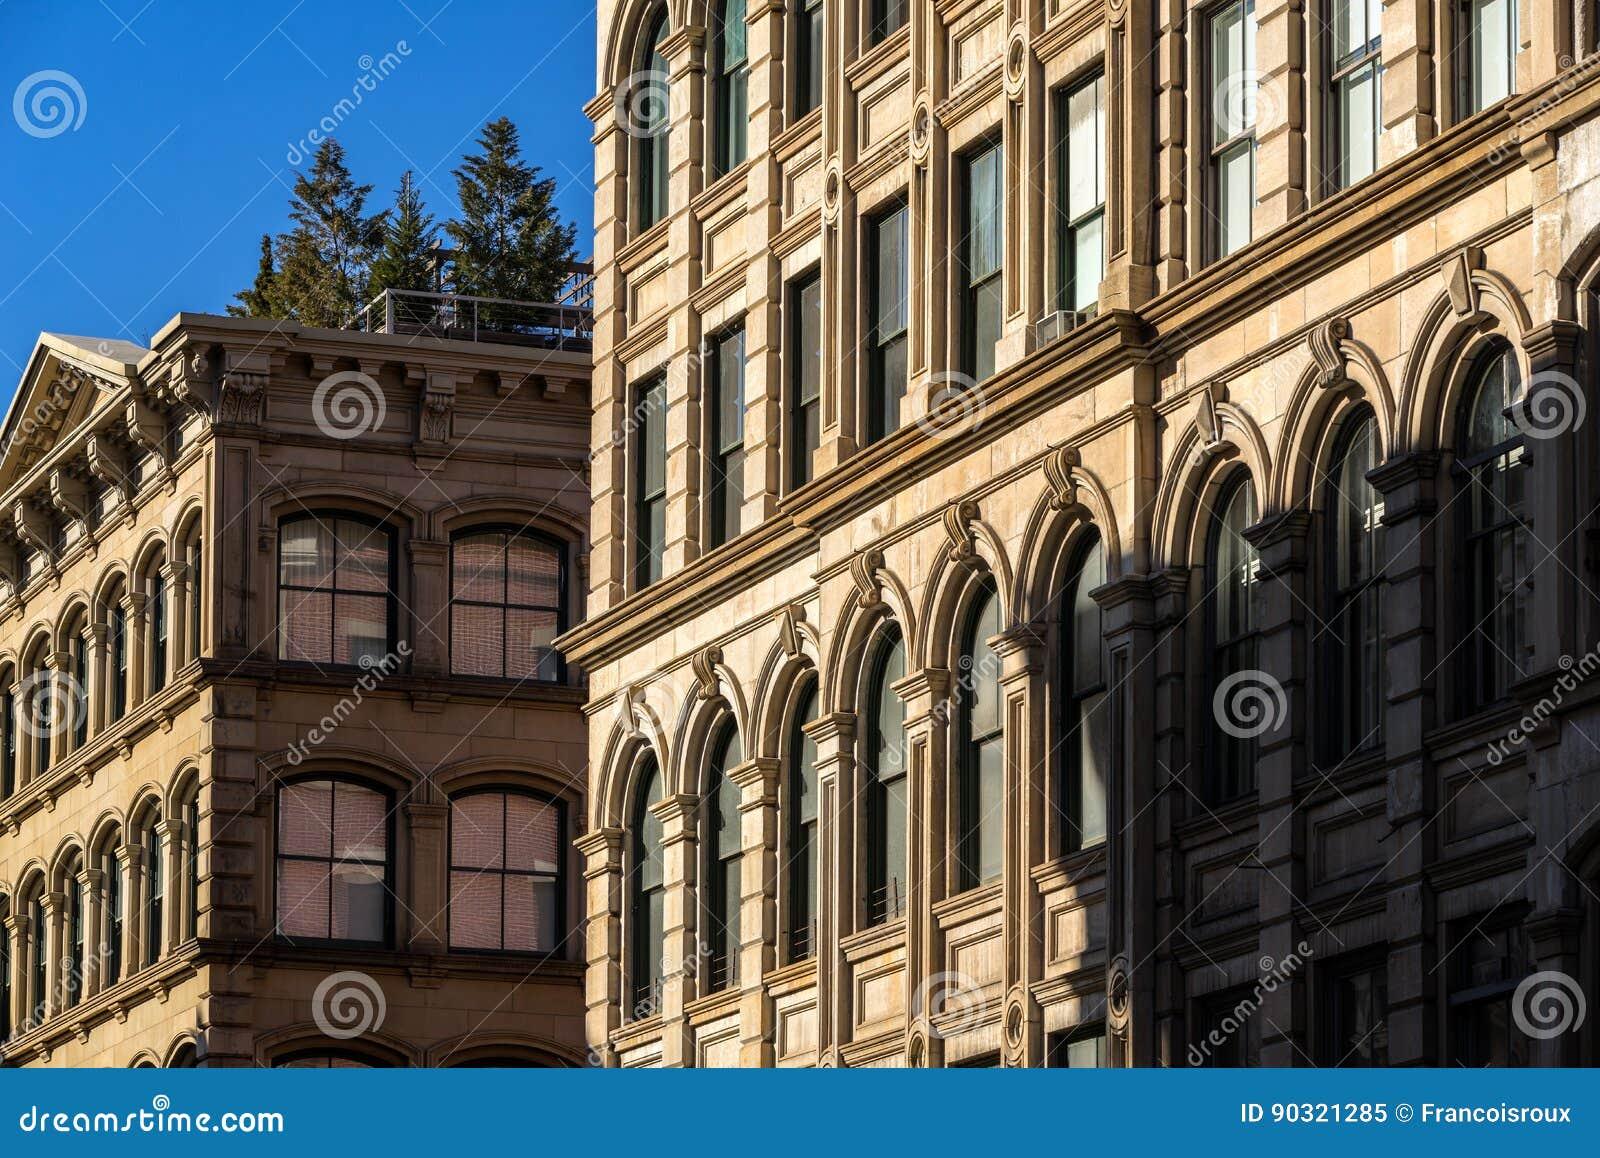 Fachadas Y Ornamento Del Edificio De Soho Con La Terraza New